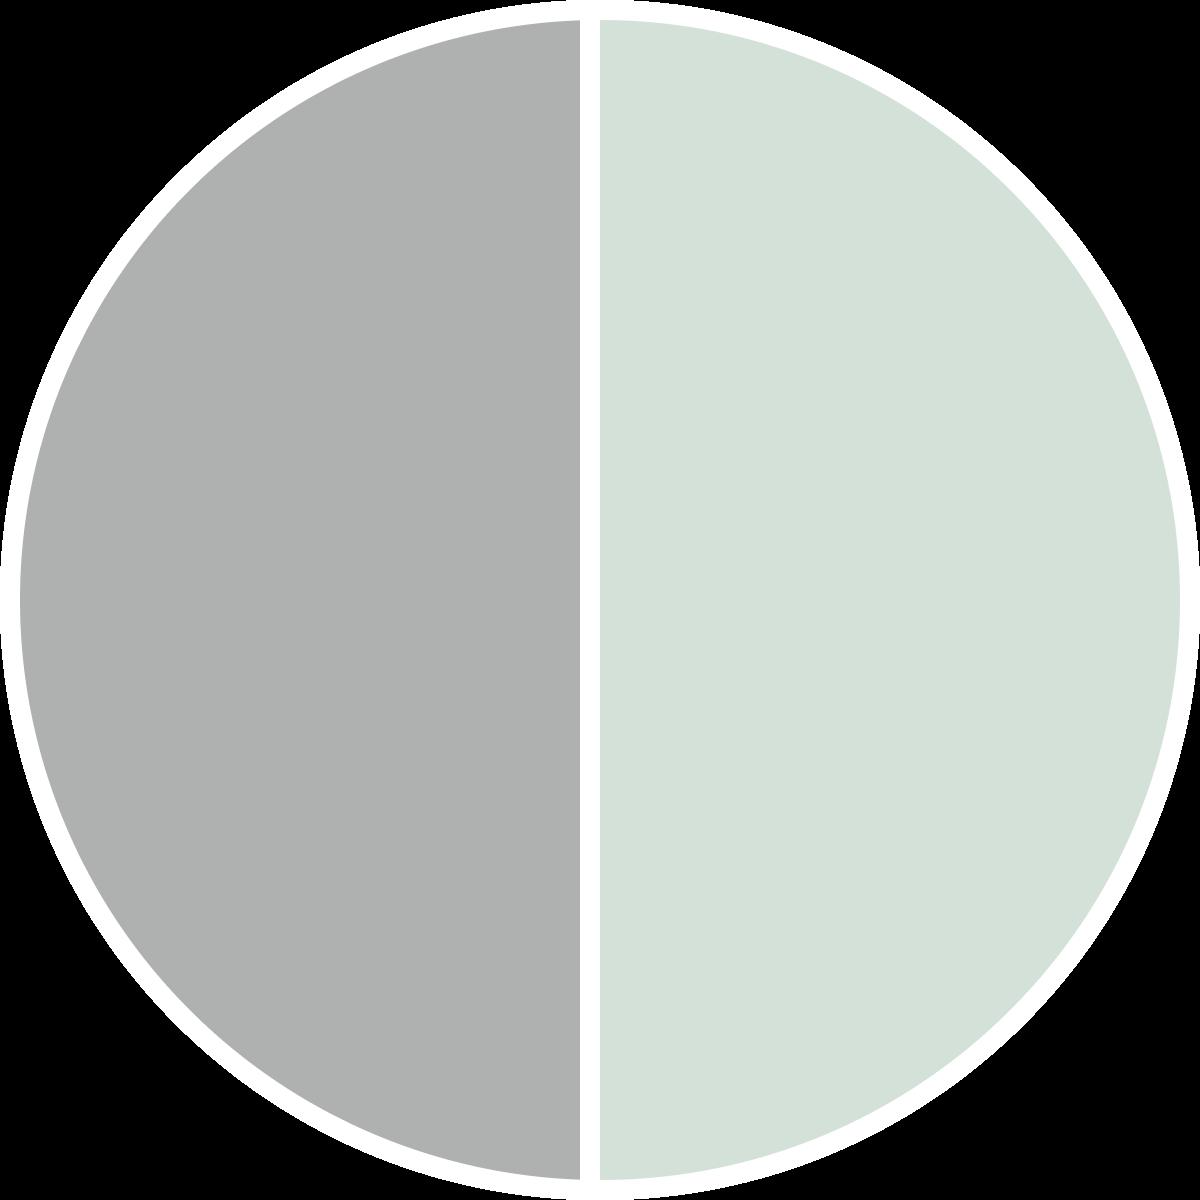 Laurel Grey & Creme de Mint